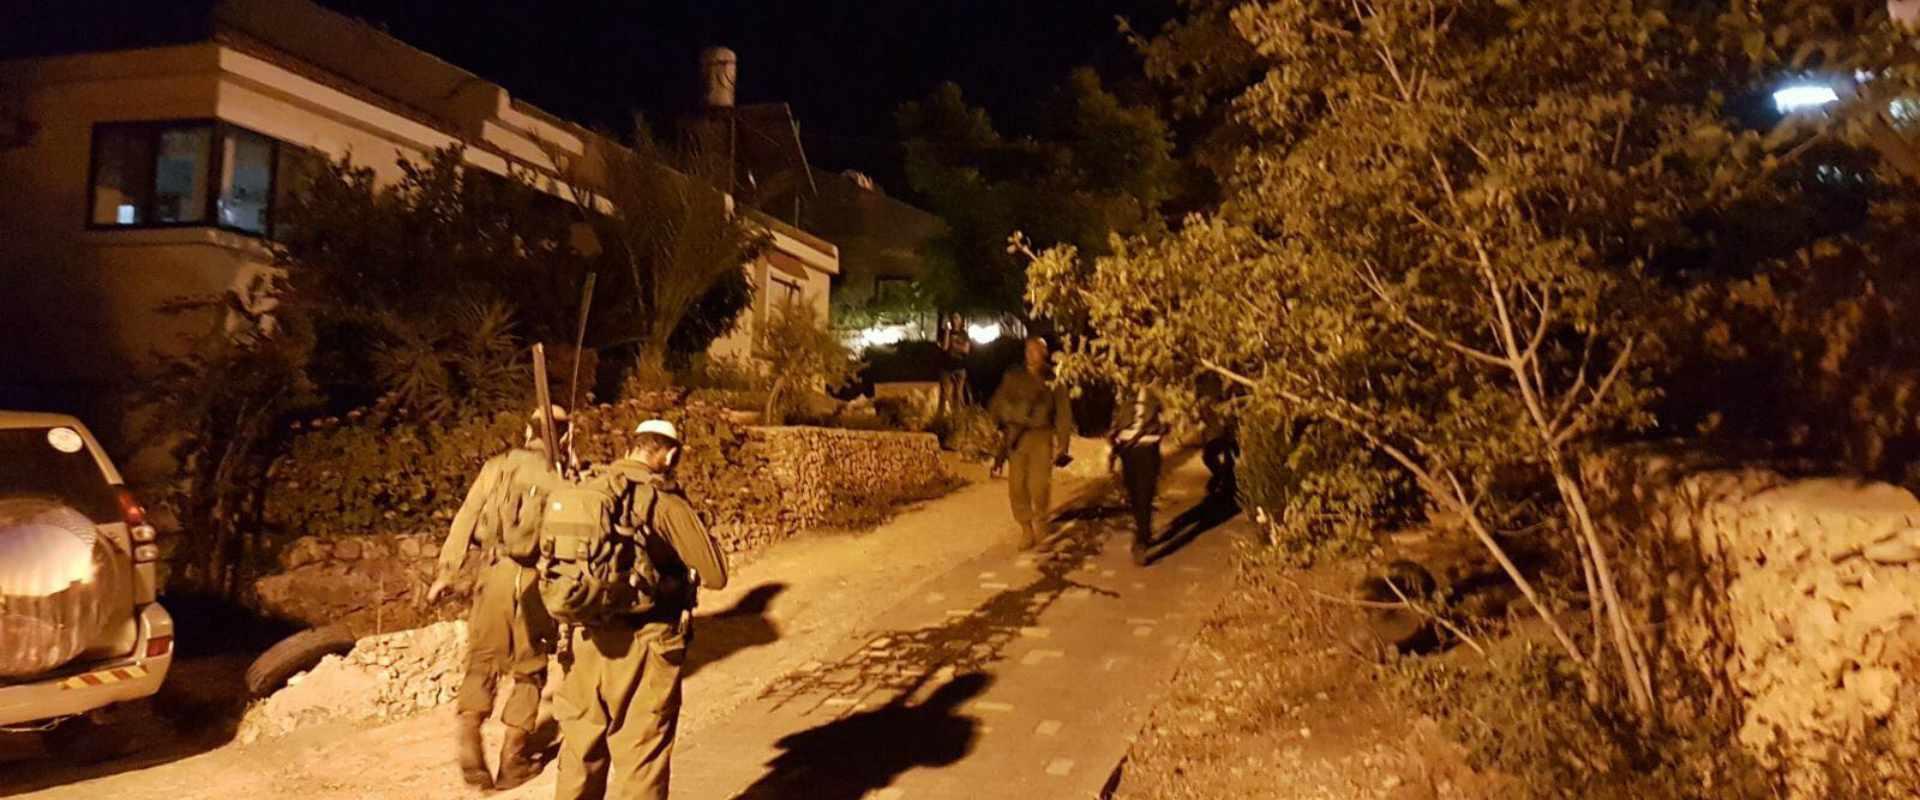 כוחות ליד הבית שבו אירע הפיגוע בחלמיש, הערב